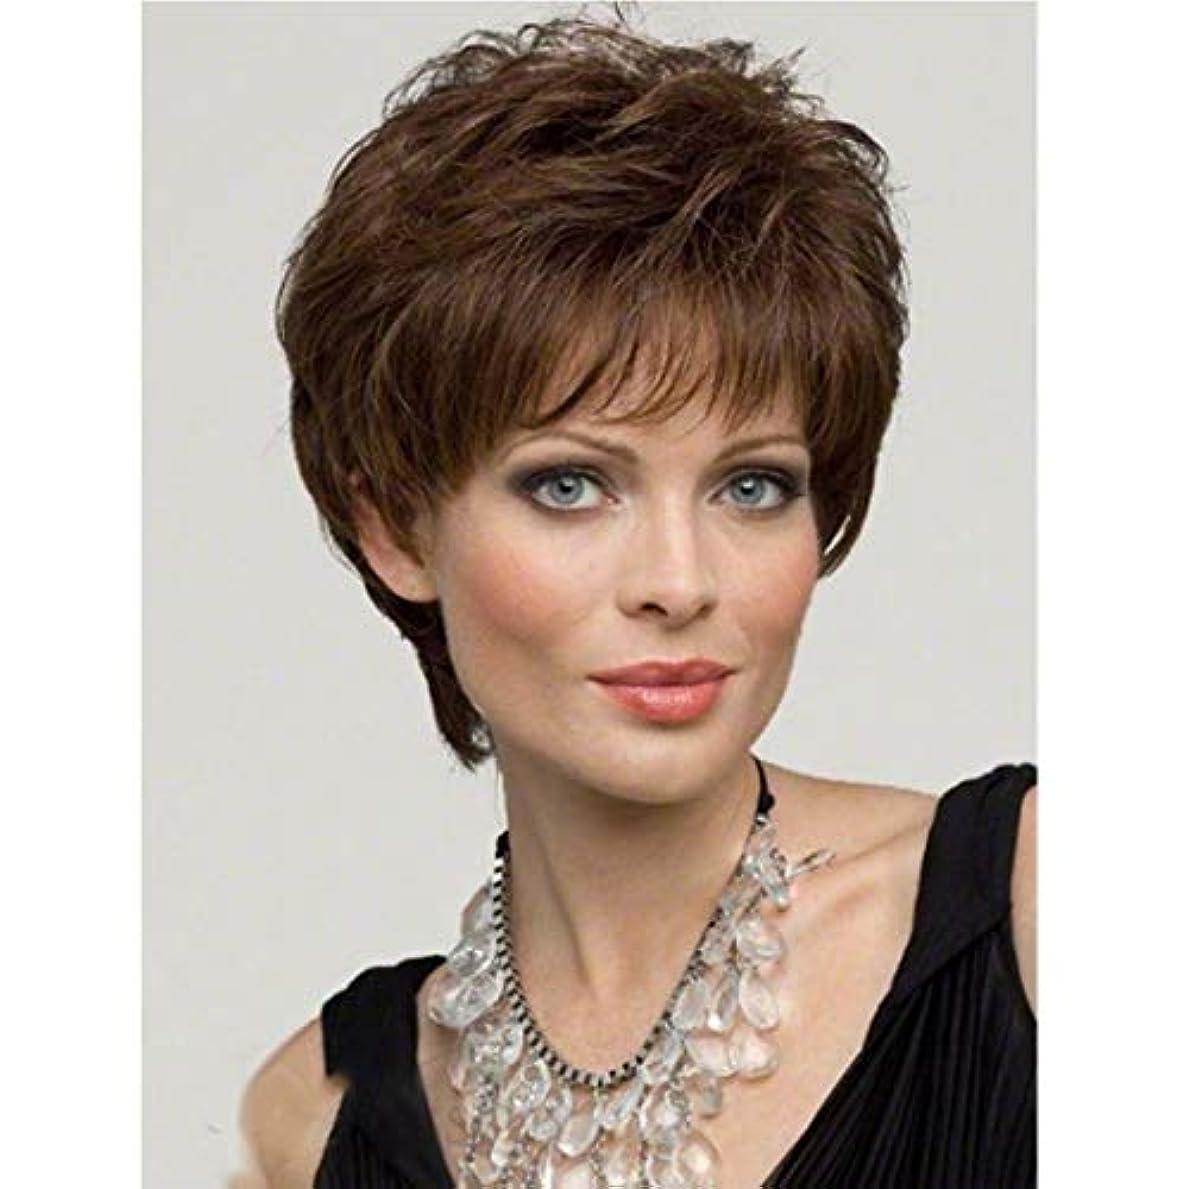 ナンセンス議題泣き叫ぶKerwinner 女性のための茶色のかつら短い巻き毛のかつら合成完全女性のかつら